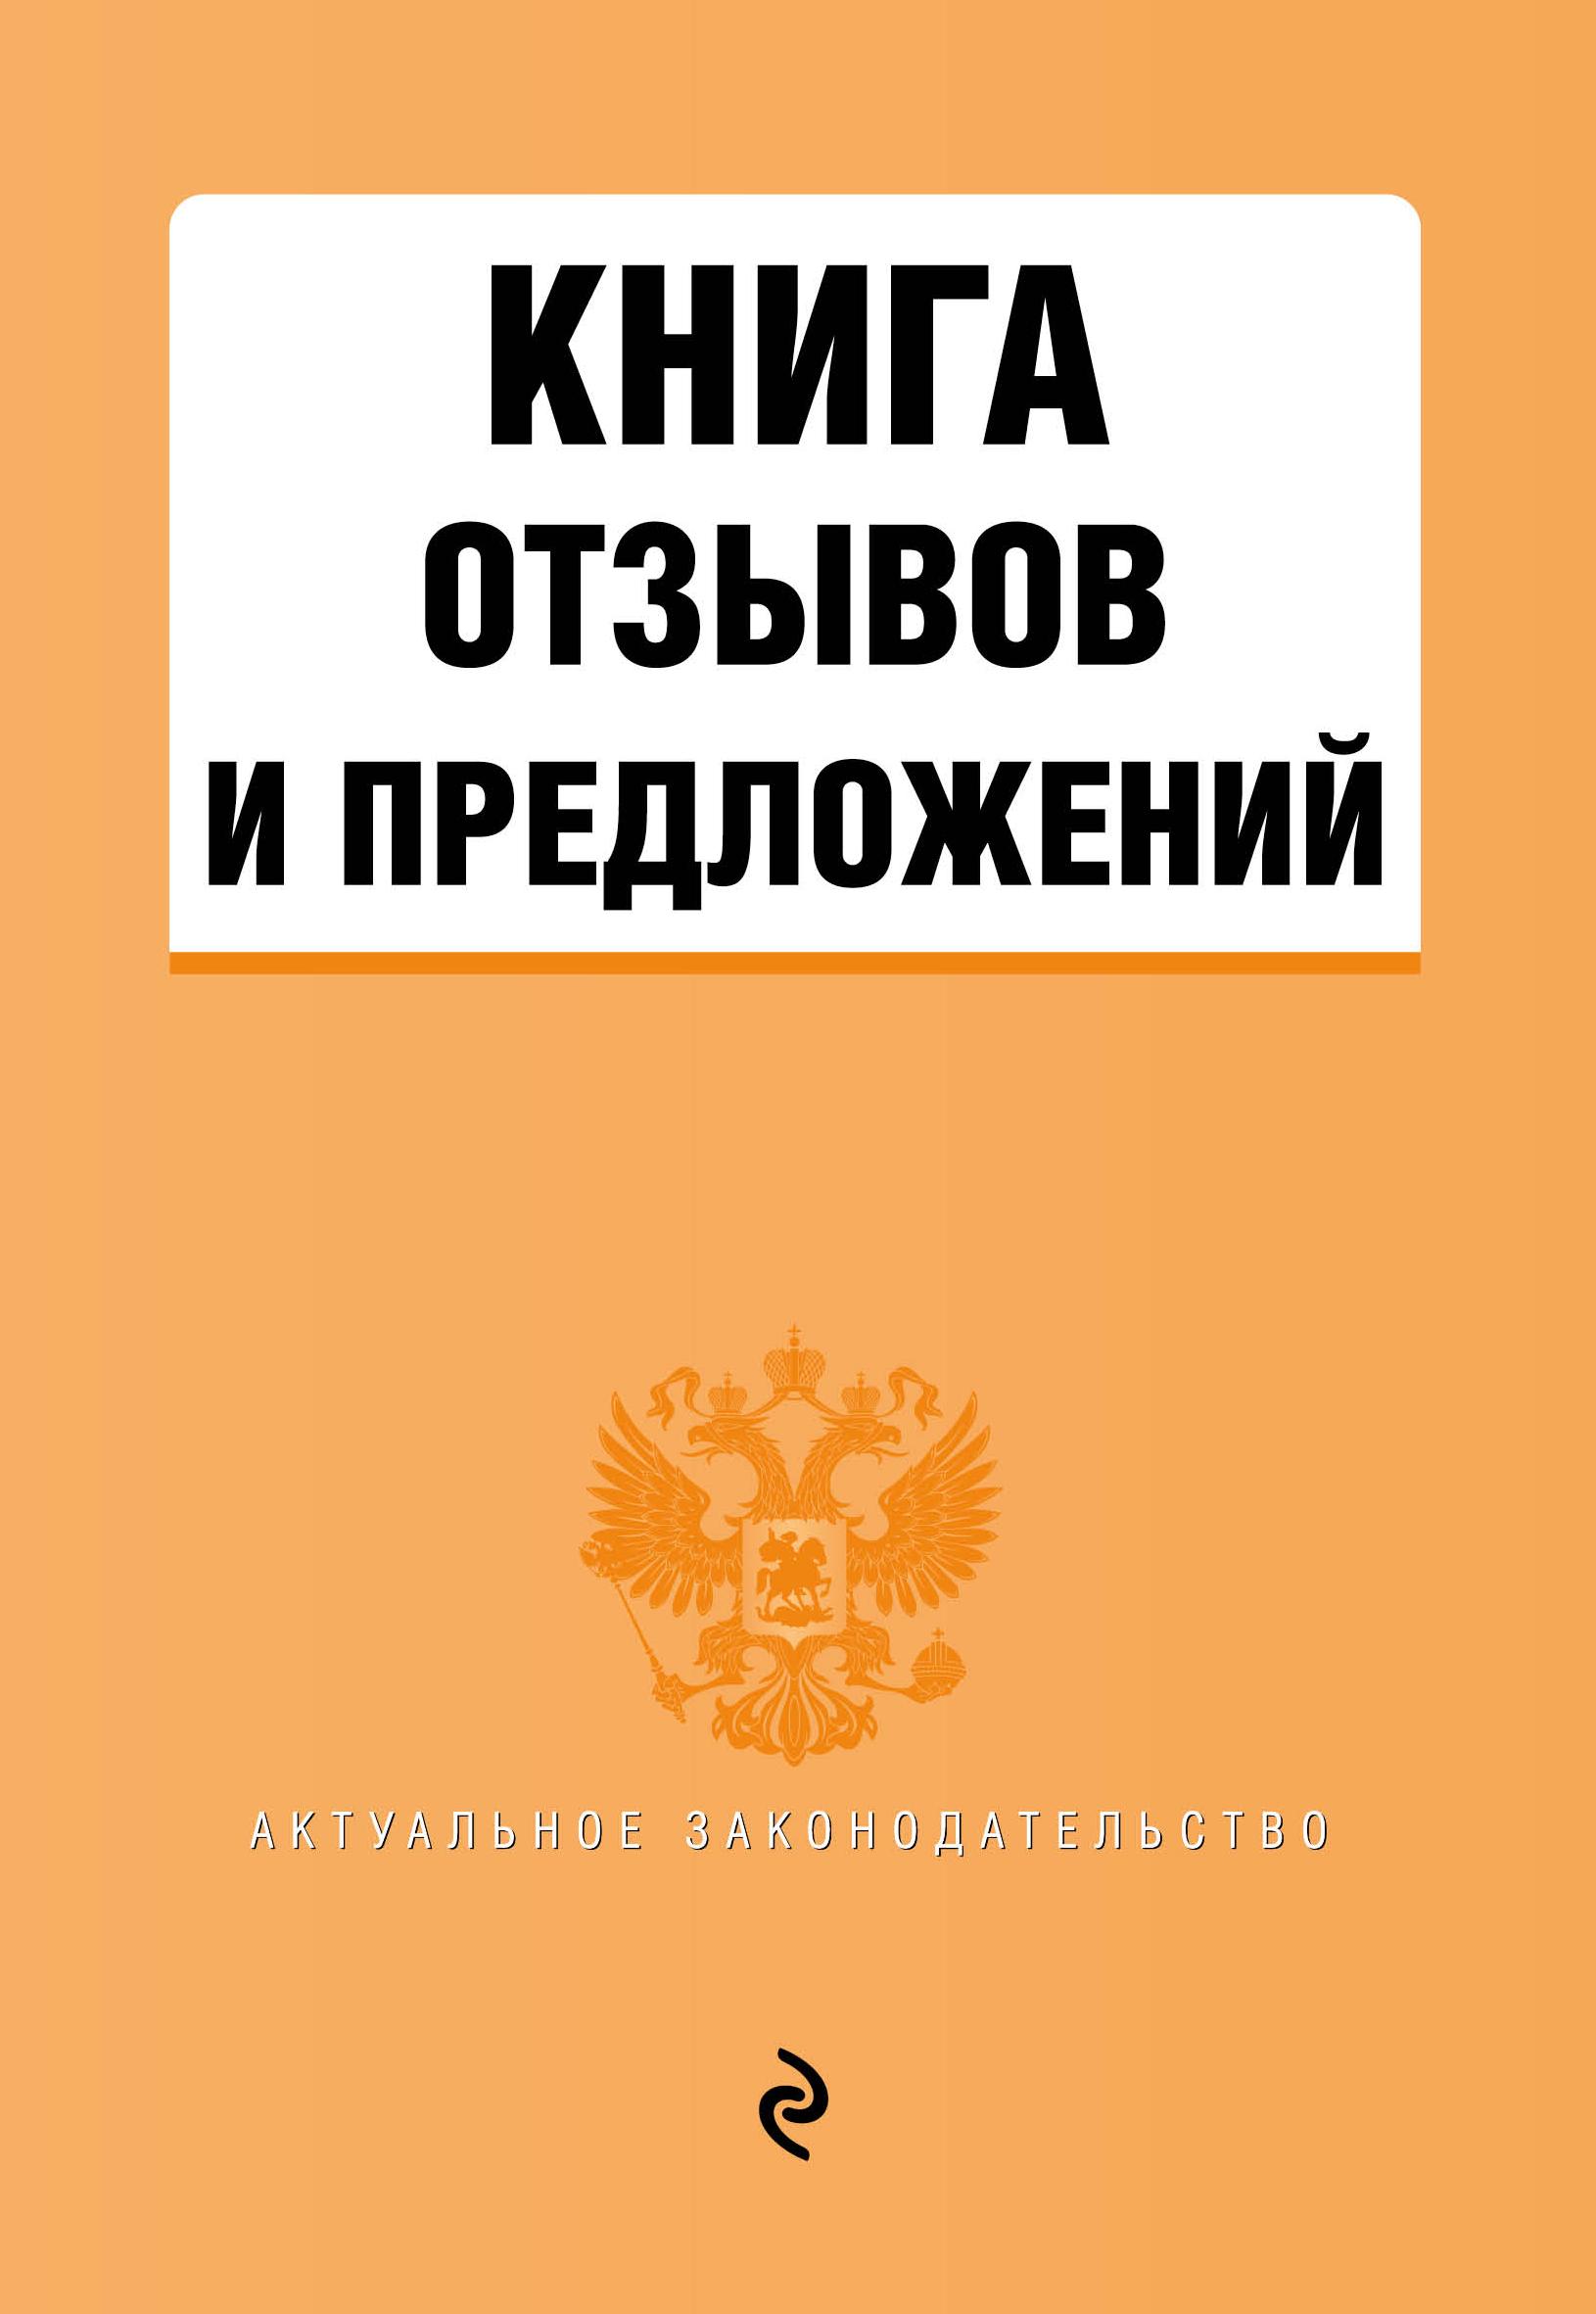 Книга отзывов и предложений безгодова т ред усанов в ред книга отзывов и предложений